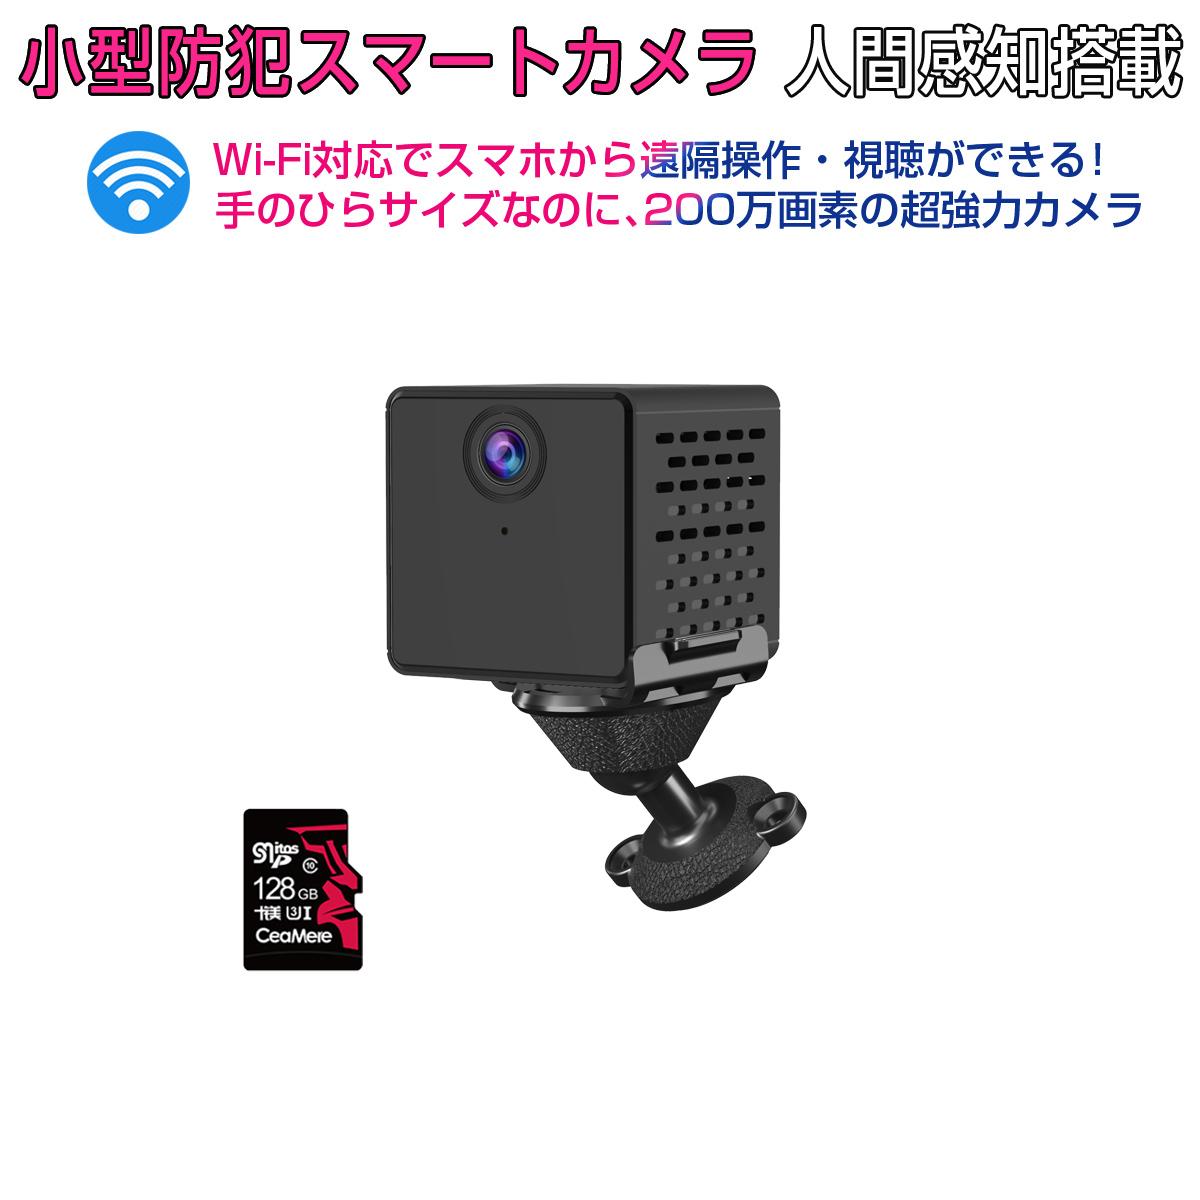 小型 防犯カメラ ワイヤレス CB73 SDカード128GB同梱モデル VStarcam フルHD 2K 1080P 200万画素 高画質 wifi 無線 録音 ネット環境なくても電源繋ぐだけ 遠隔監視 防犯 証拠 泥棒 浮気 横領 DV 恐喝 現場 IP カメラ 宅配便送料無料 6ヶ月保証